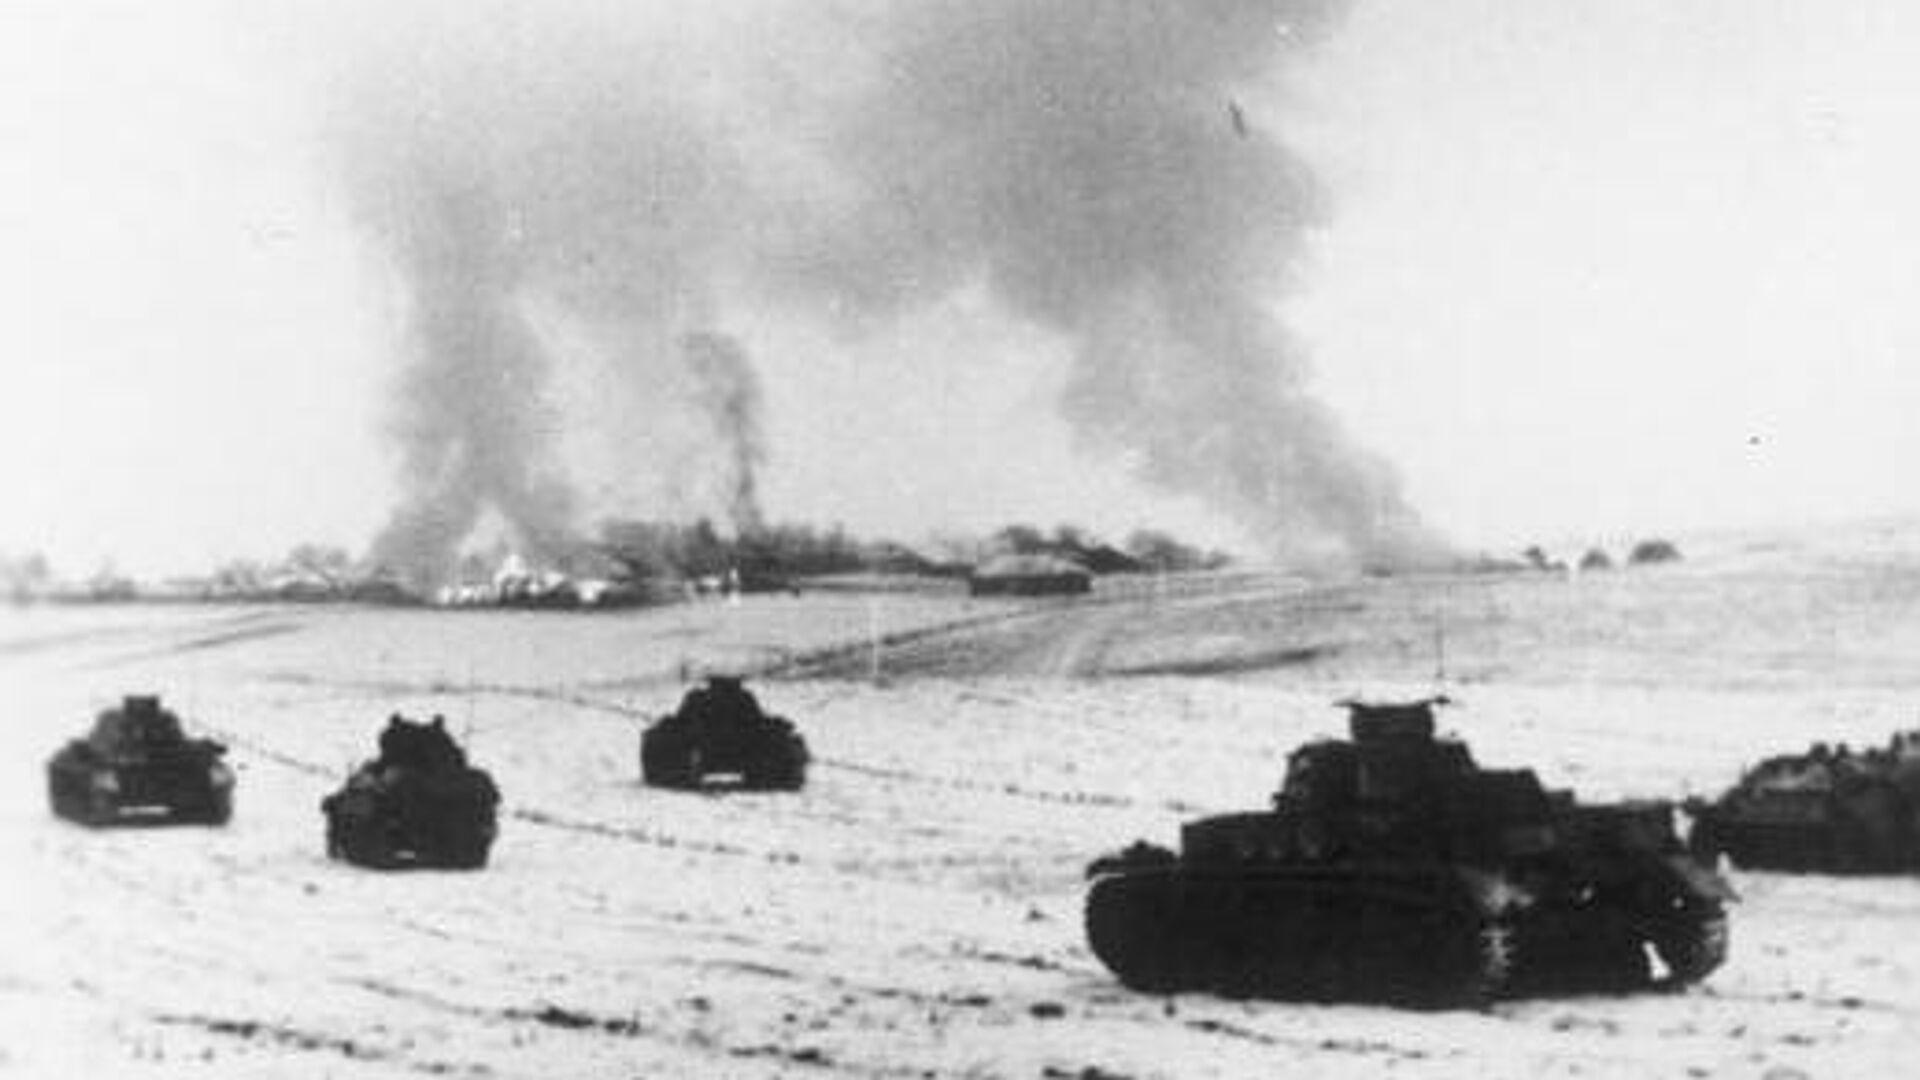 Немецкие танки атакуют советские позиции в районе Истры, 25 ноября 1941 - РИА Новости, 1920, 07.01.2021